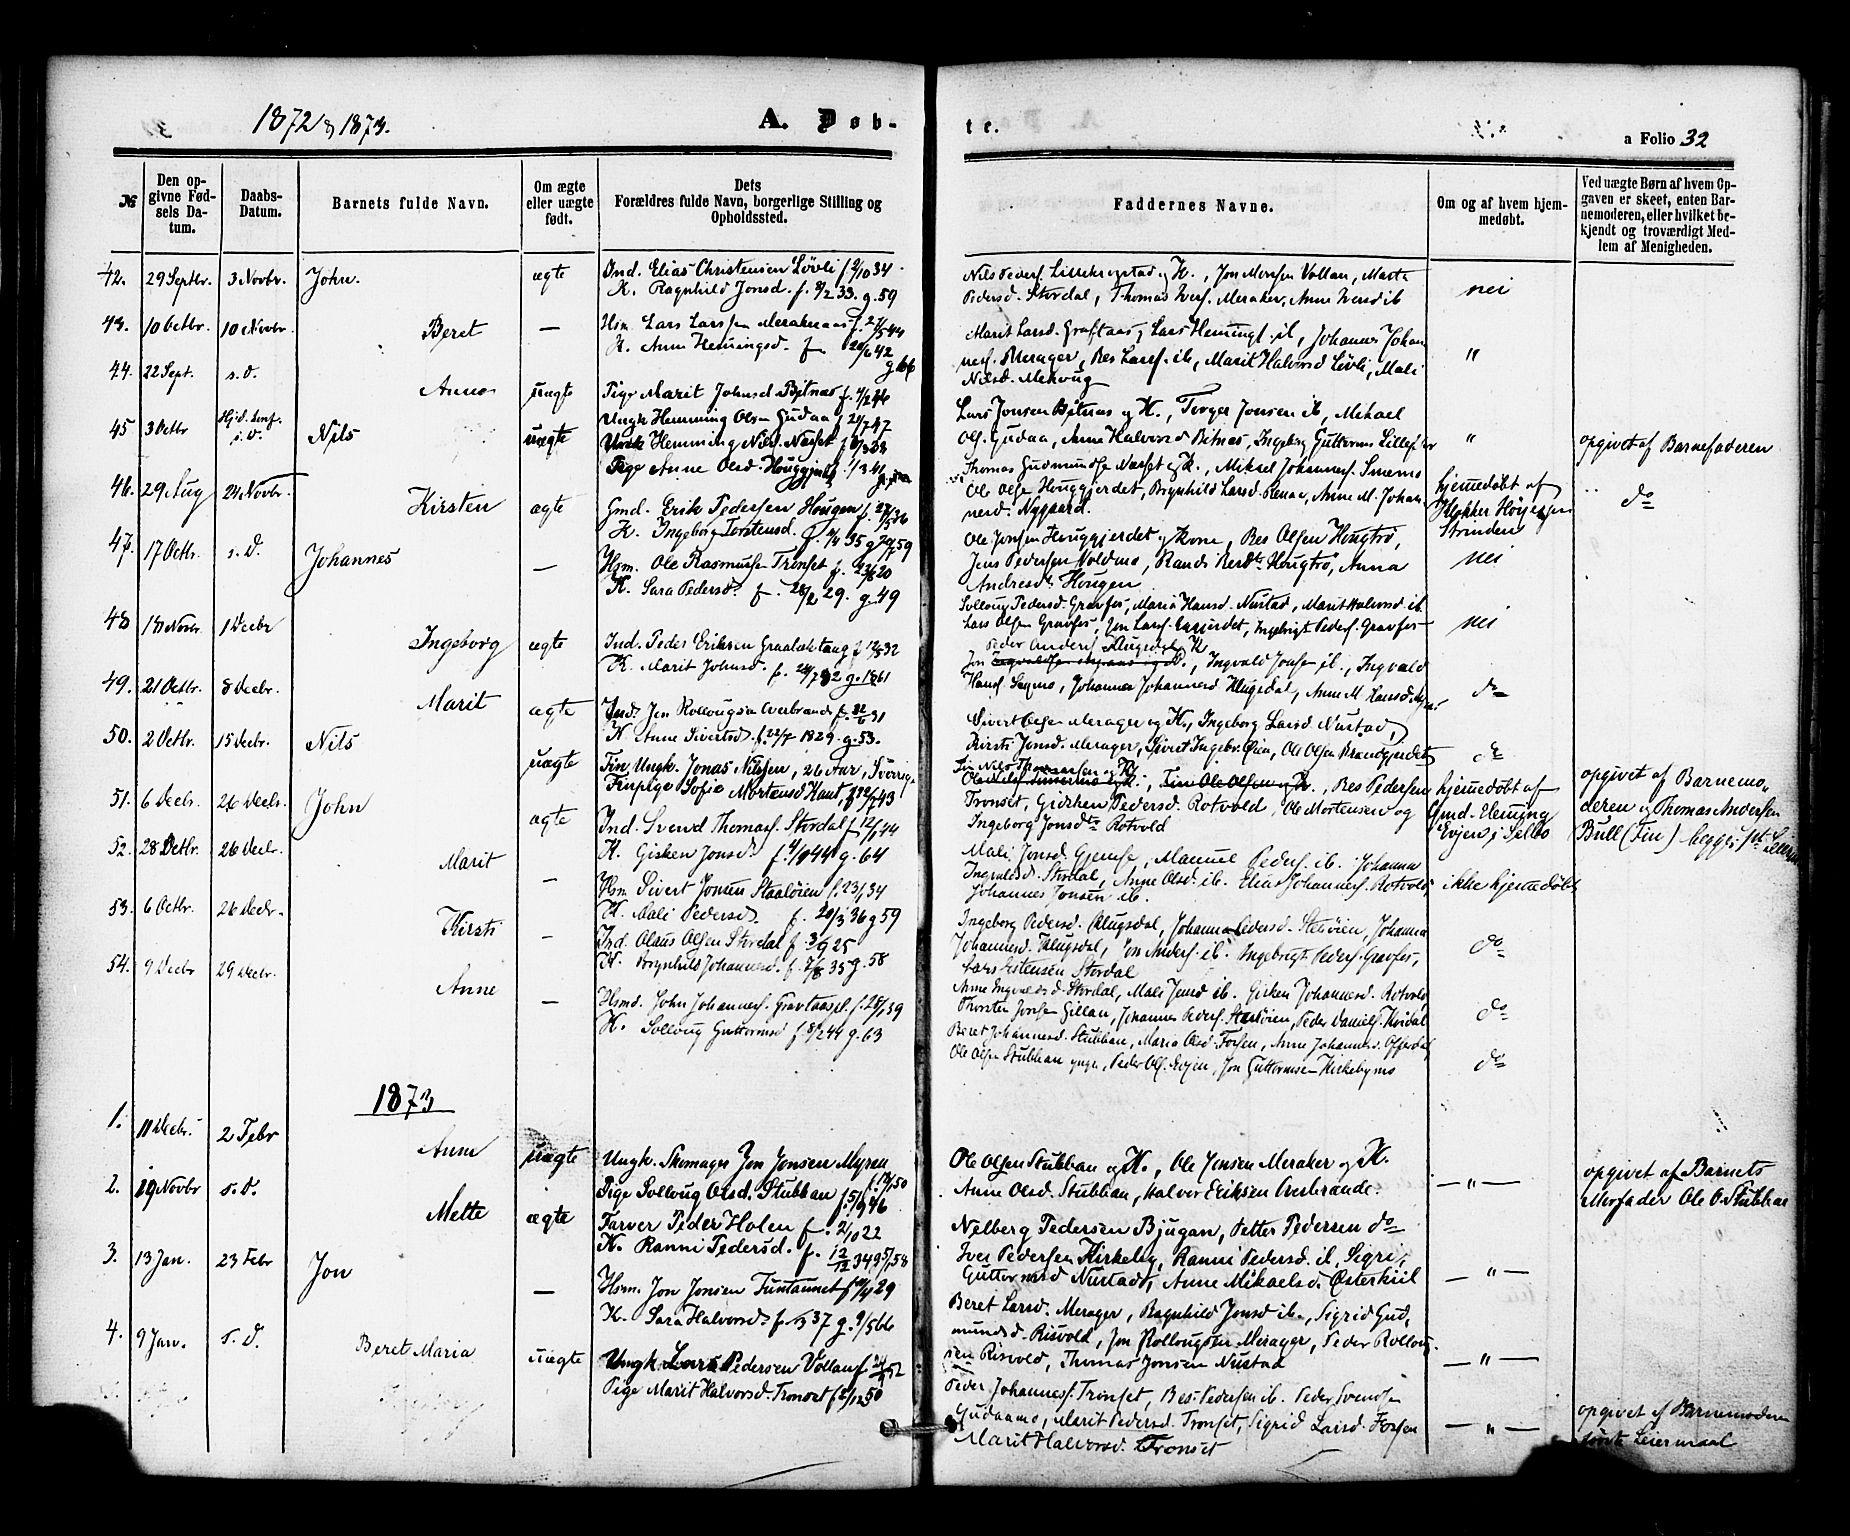 SAT, Ministerialprotokoller, klokkerbøker og fødselsregistre - Nord-Trøndelag, 706/L0041: Ministerialbok nr. 706A02, 1862-1877, s. 32